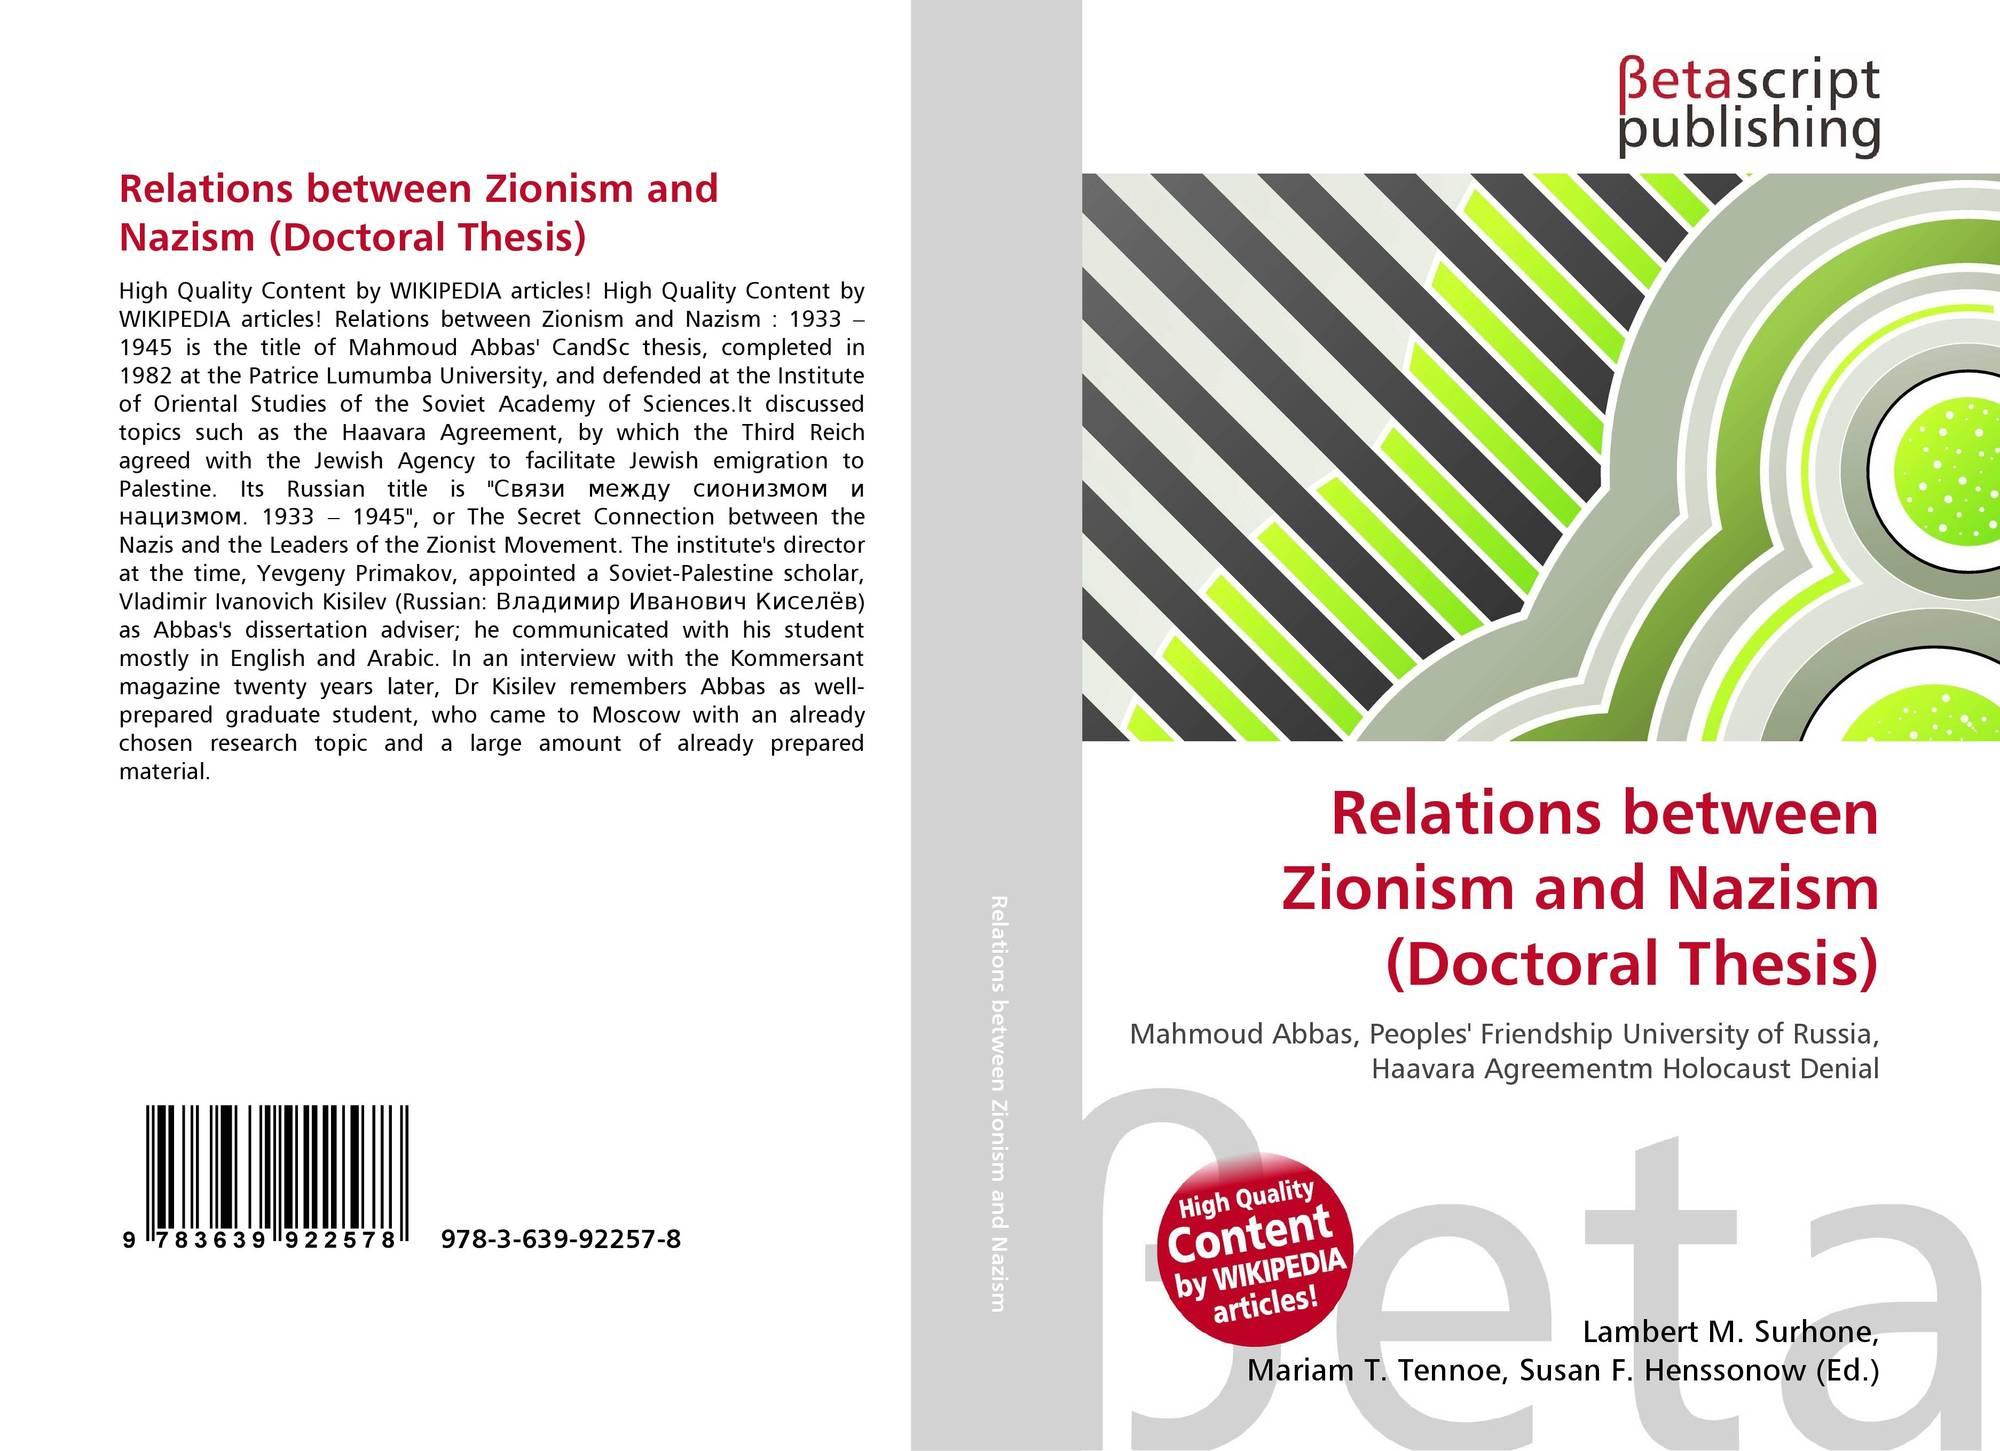 abbas thesis holocaust